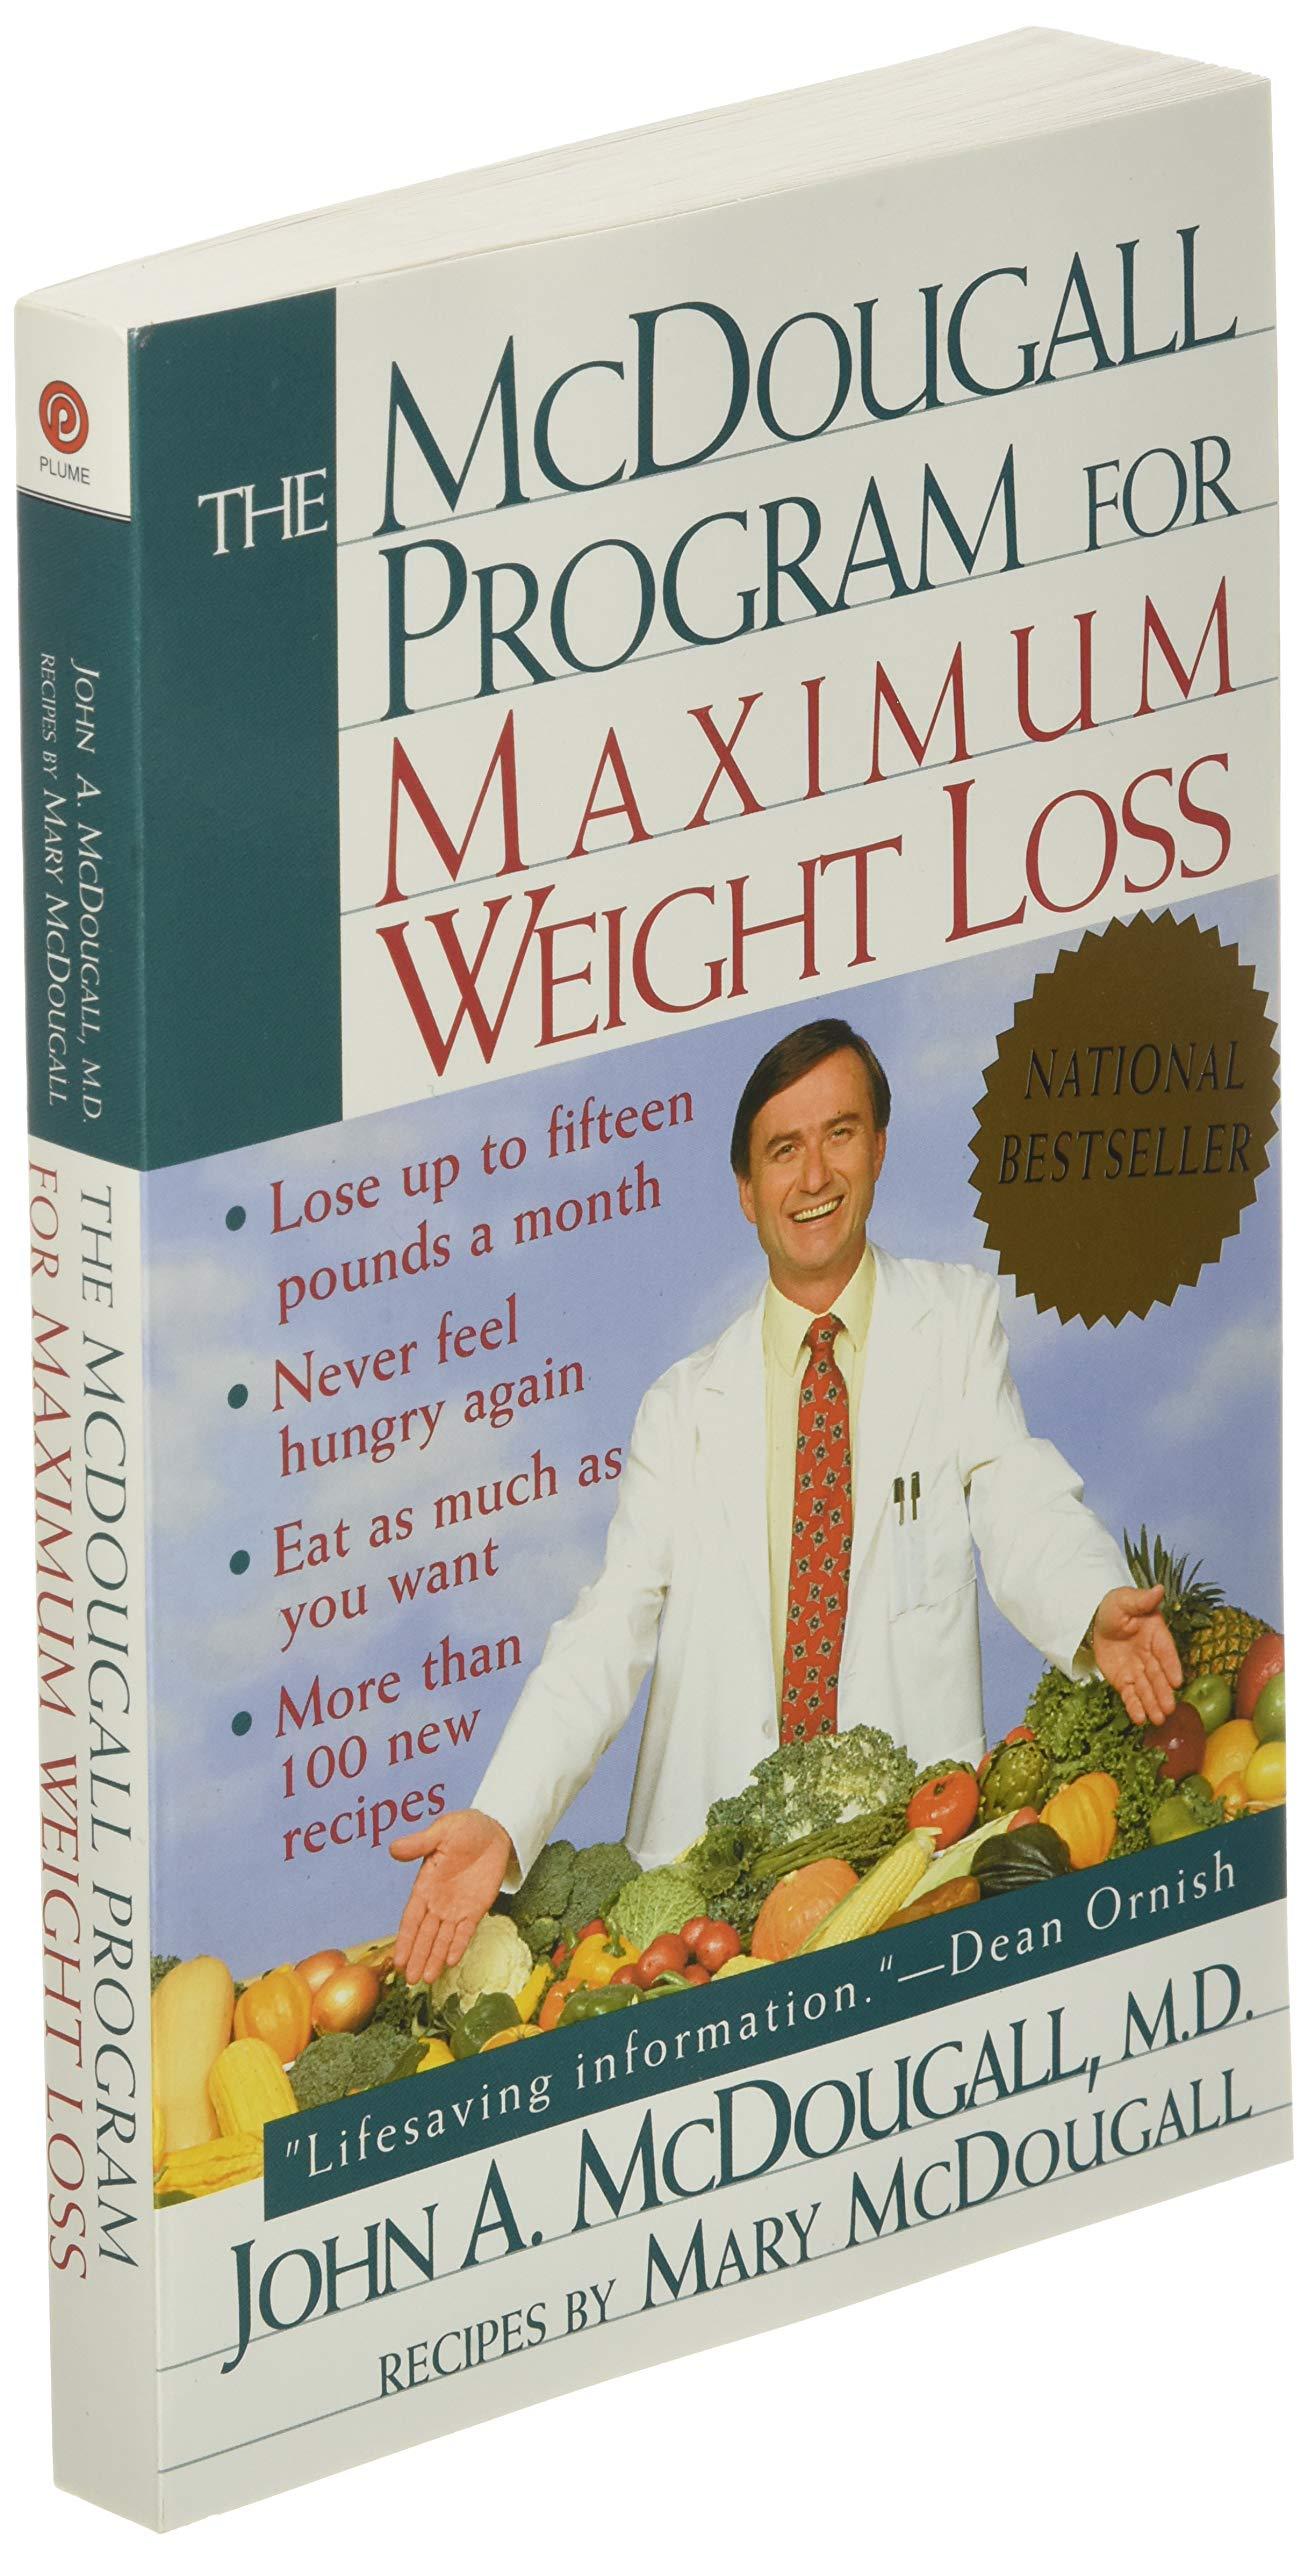 ∆7 comment retrouver la motivation pour perdre du poids - Estime de Soi